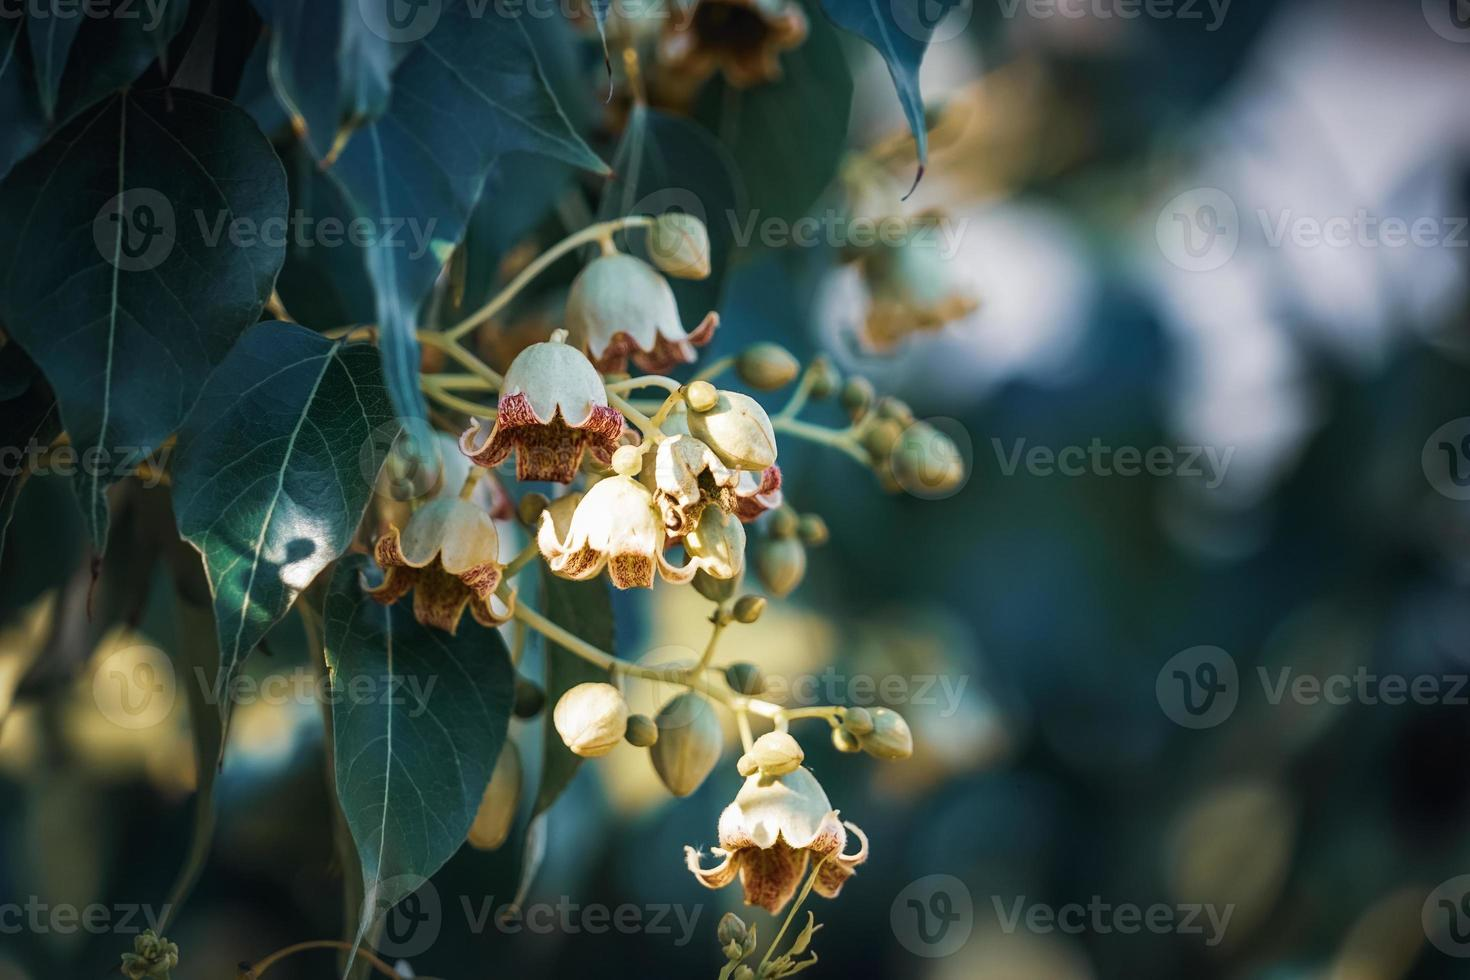 pequeñas flores y capullos de árbol botella foto